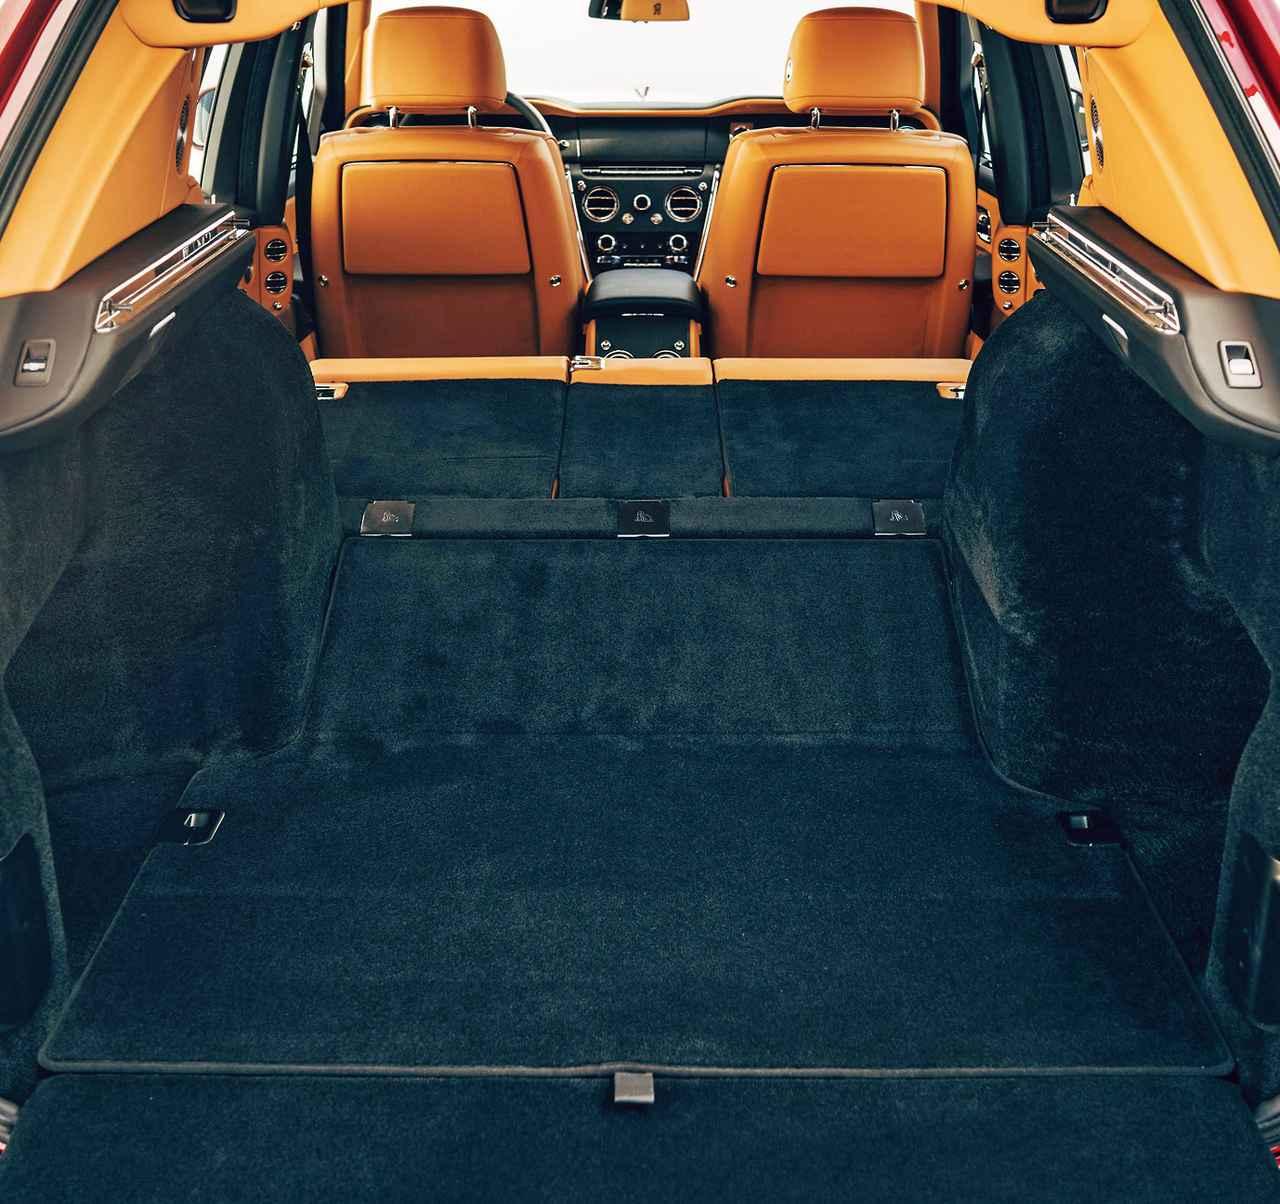 Images : 7番目の画像 - 「ロールスロイス カリナンはどこへだって快適に行ける現代のスーパーカーだった【スーパーカーファイル】」のアルバム - Webモーターマガジン